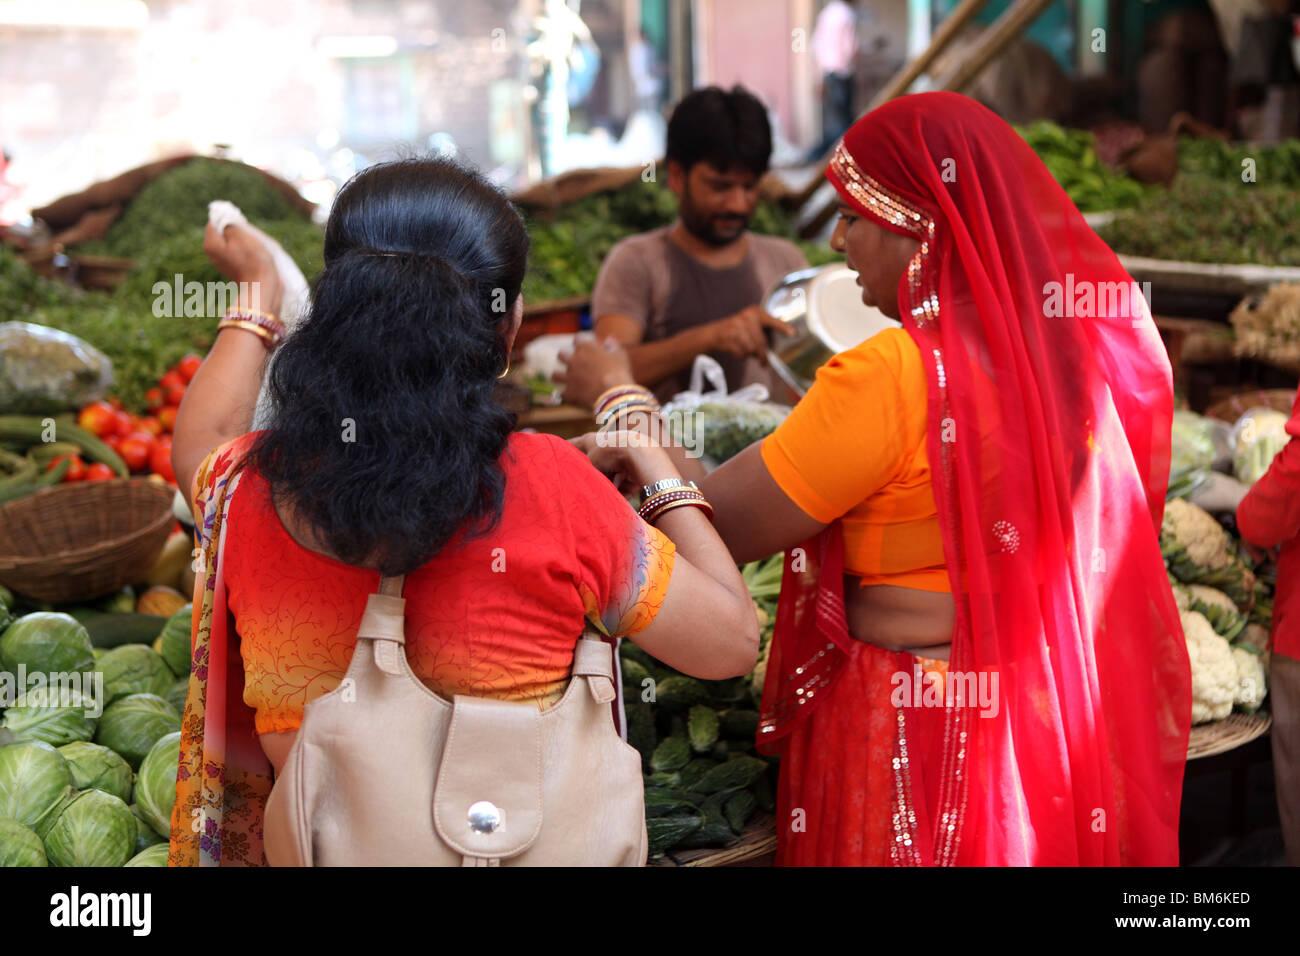 Indische Frauen Kaufen Gemüse An Die Sardar Markt Jodhpur Rajasthan